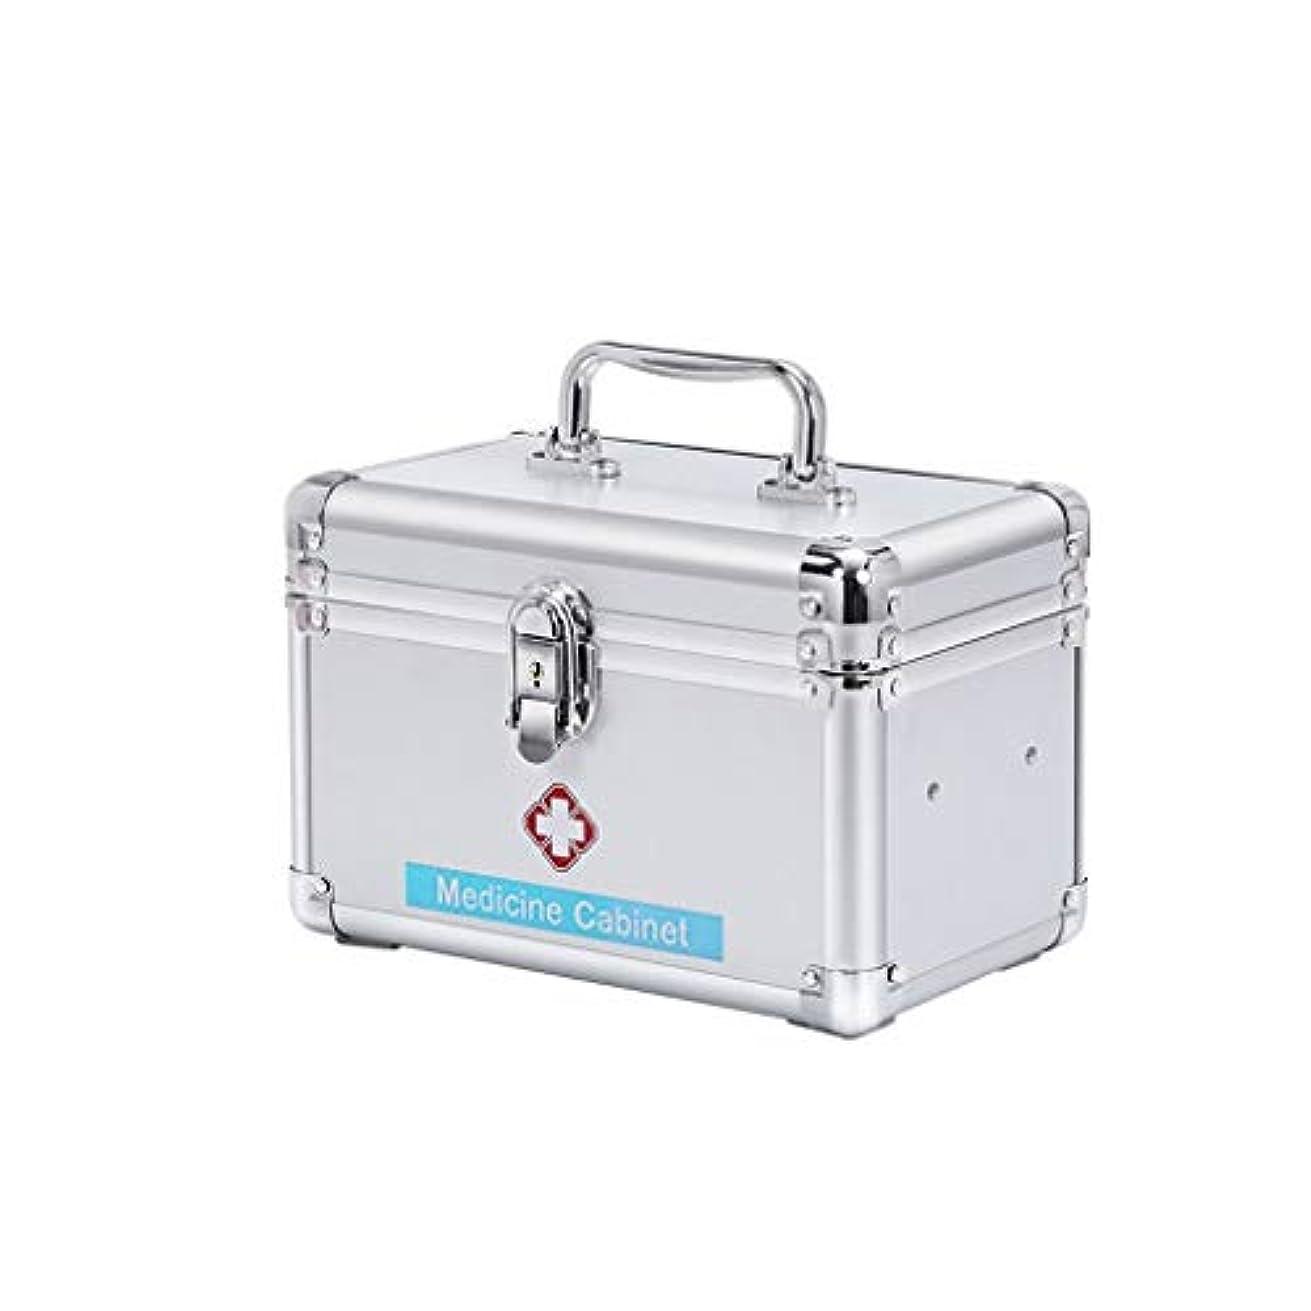 振動する移住する燃料薬箱家庭用薬収納ボックス、小型、アルミ合金、便利な応急処置診断ボックス HUXIUPING (Color : Silver)